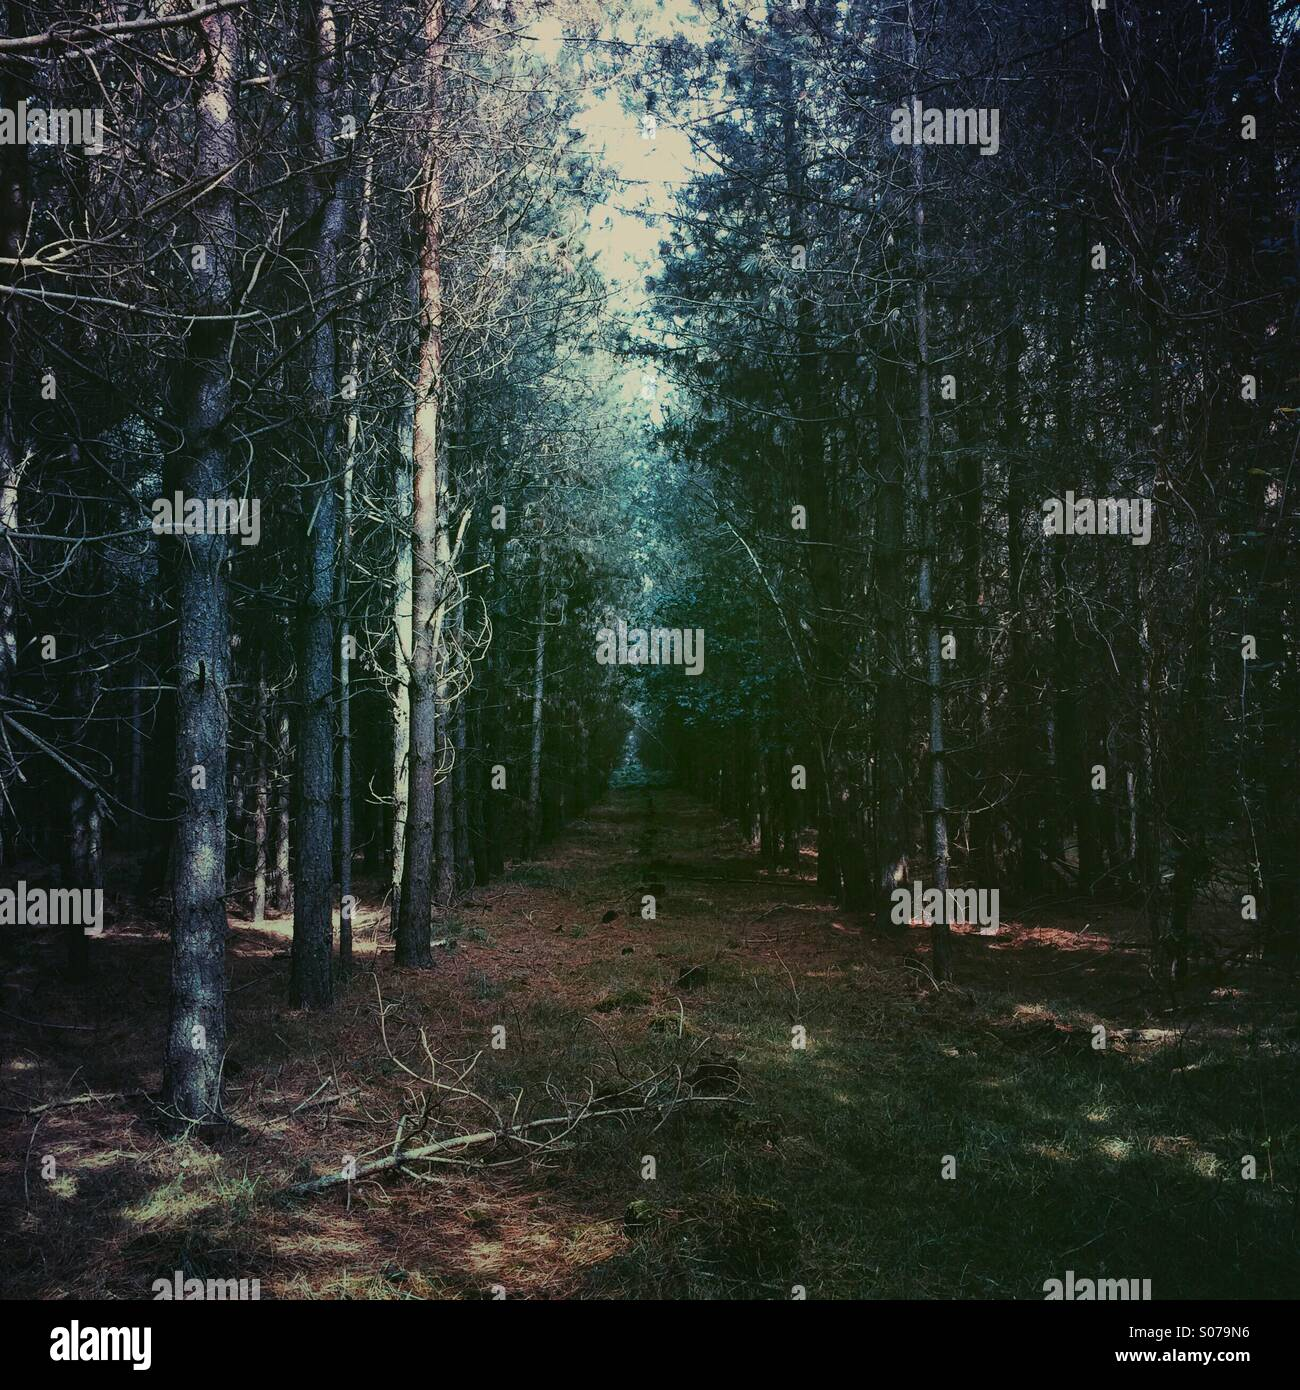 Foresta scura con luce di distanza Immagini Stock